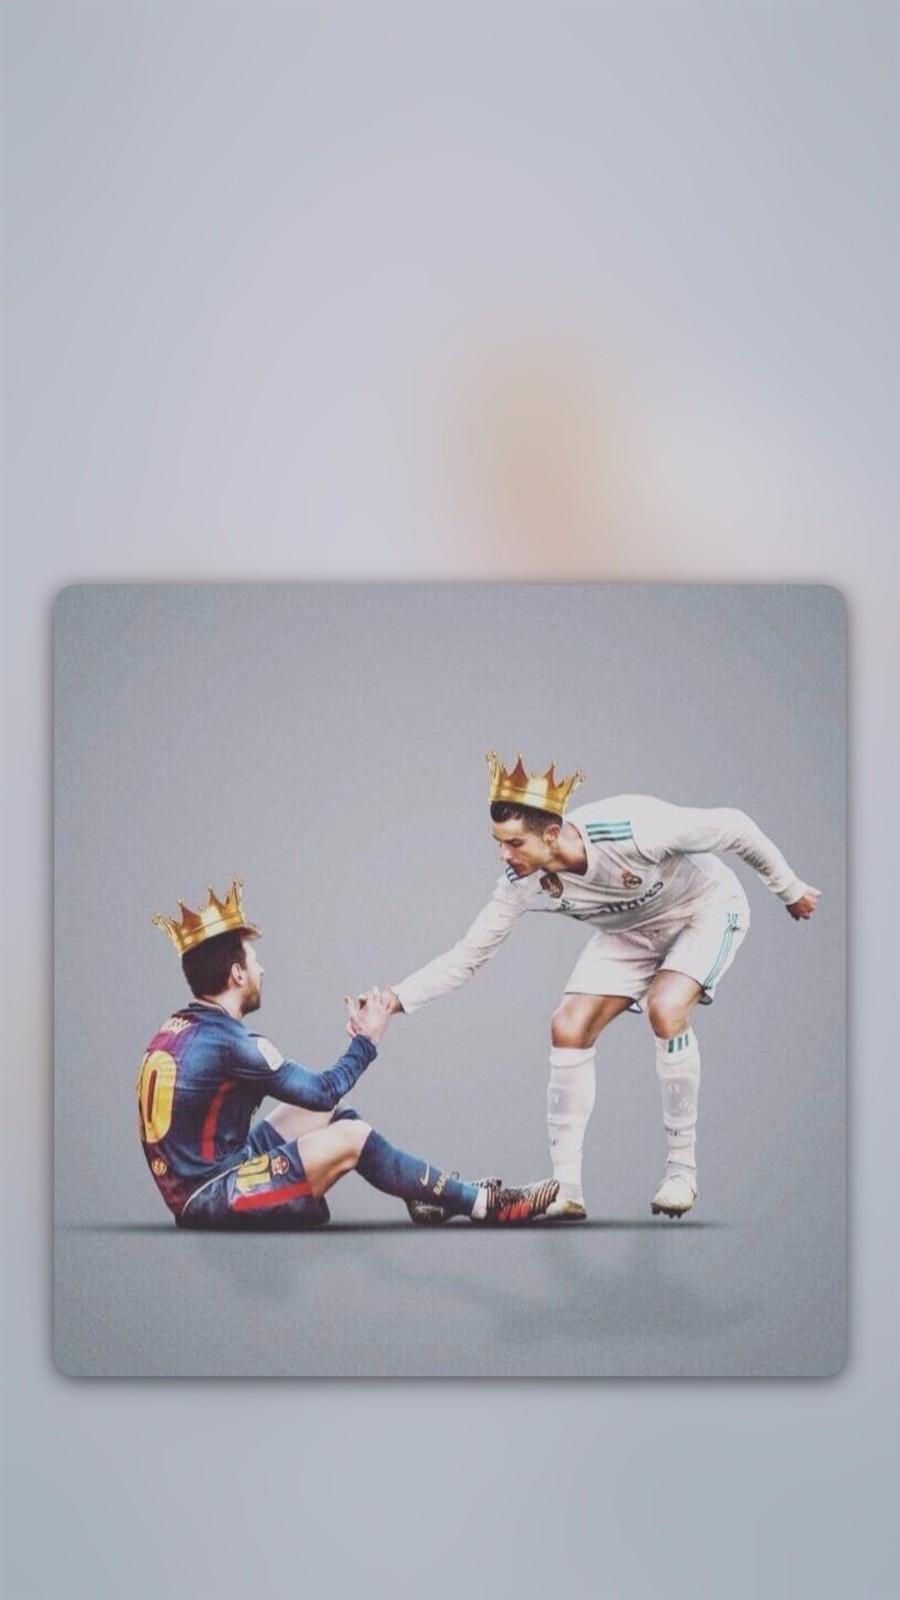 手机壁纸第62期:C罗梅西离开的世界杯,7号和10号我们永远记得